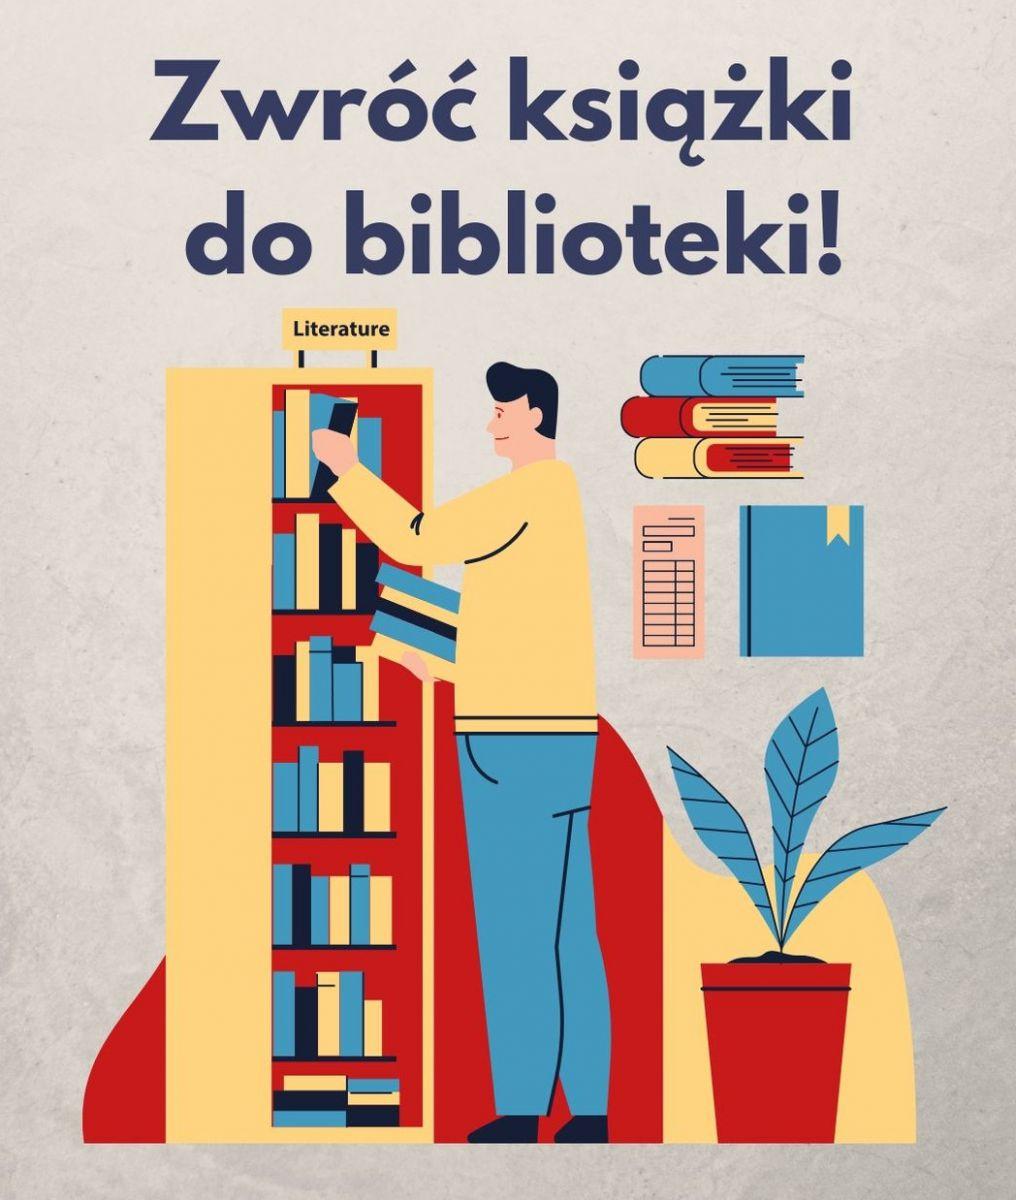 Plakat: Czytelniku, zwróć książki do biblioteki.